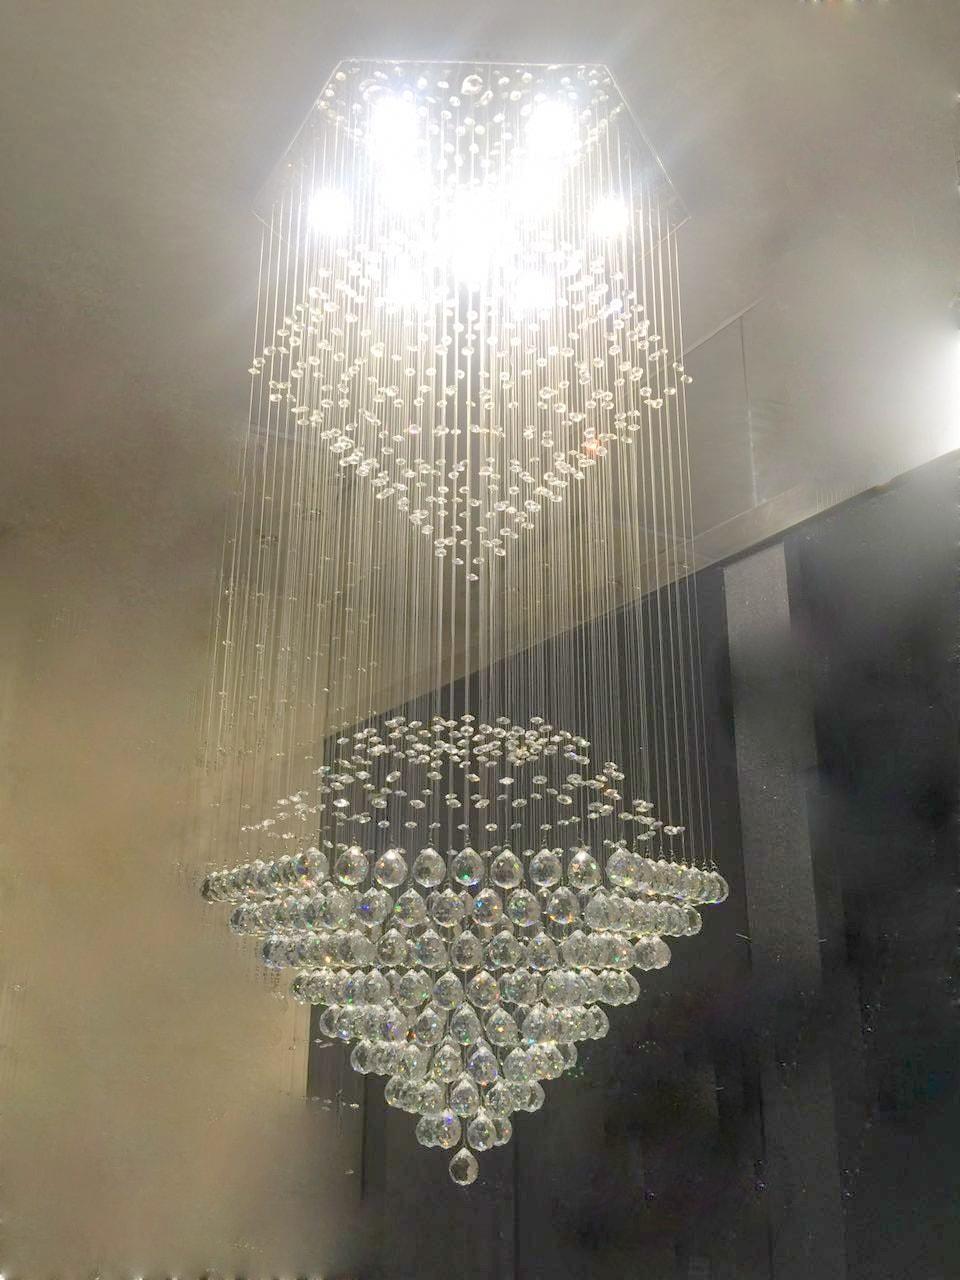 Crystal hanging chandelier pendant hanging chandelier aloadofball Images